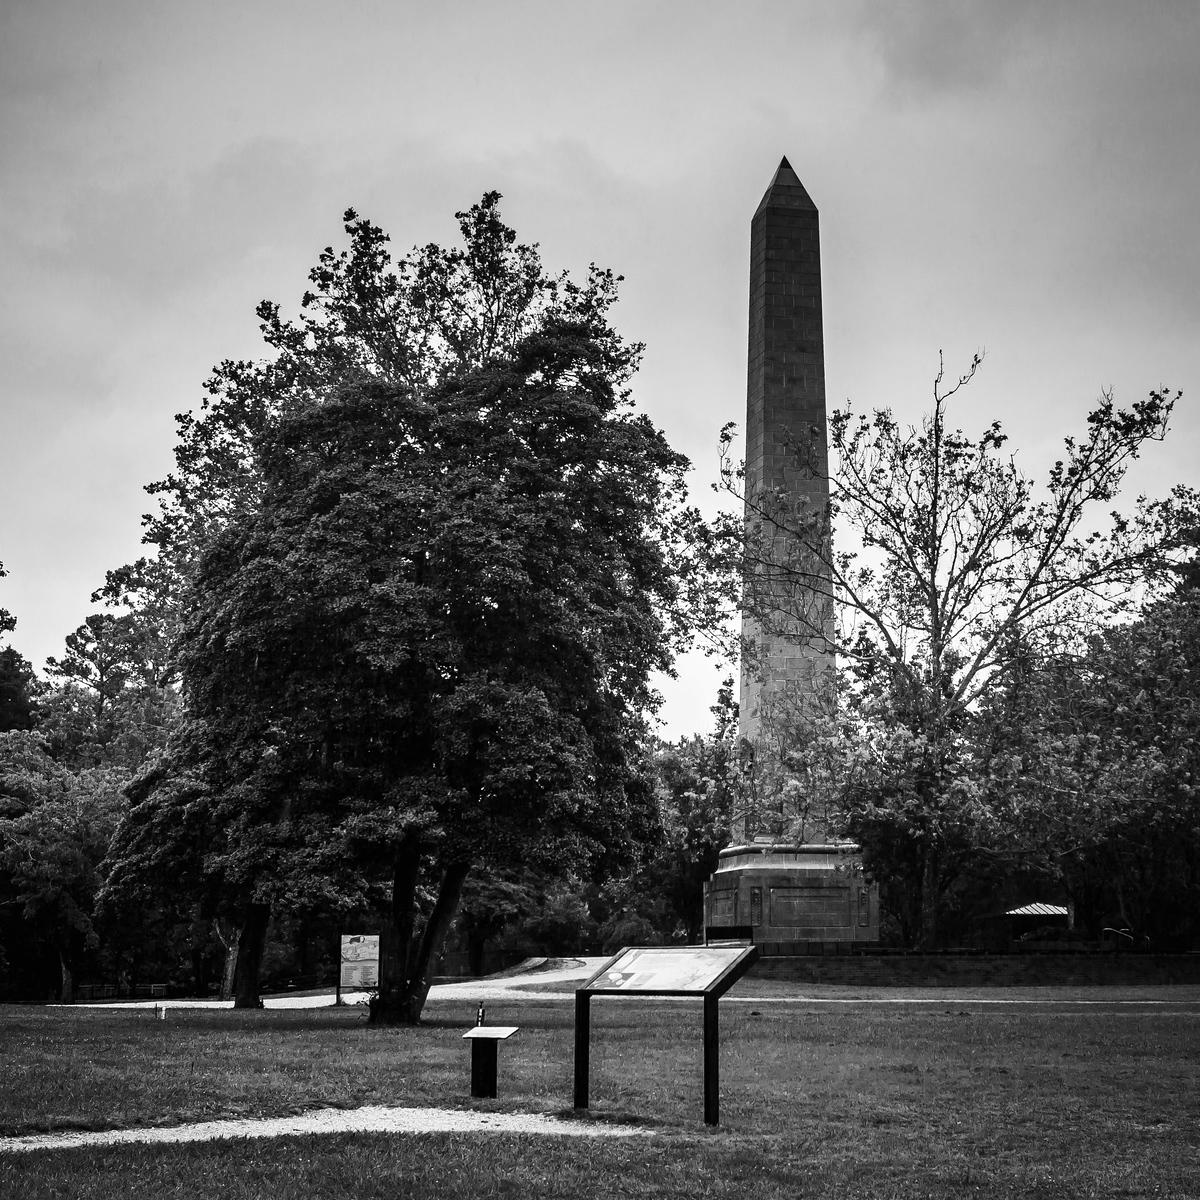 詹姆斯敦殖民地公园,历史的再现